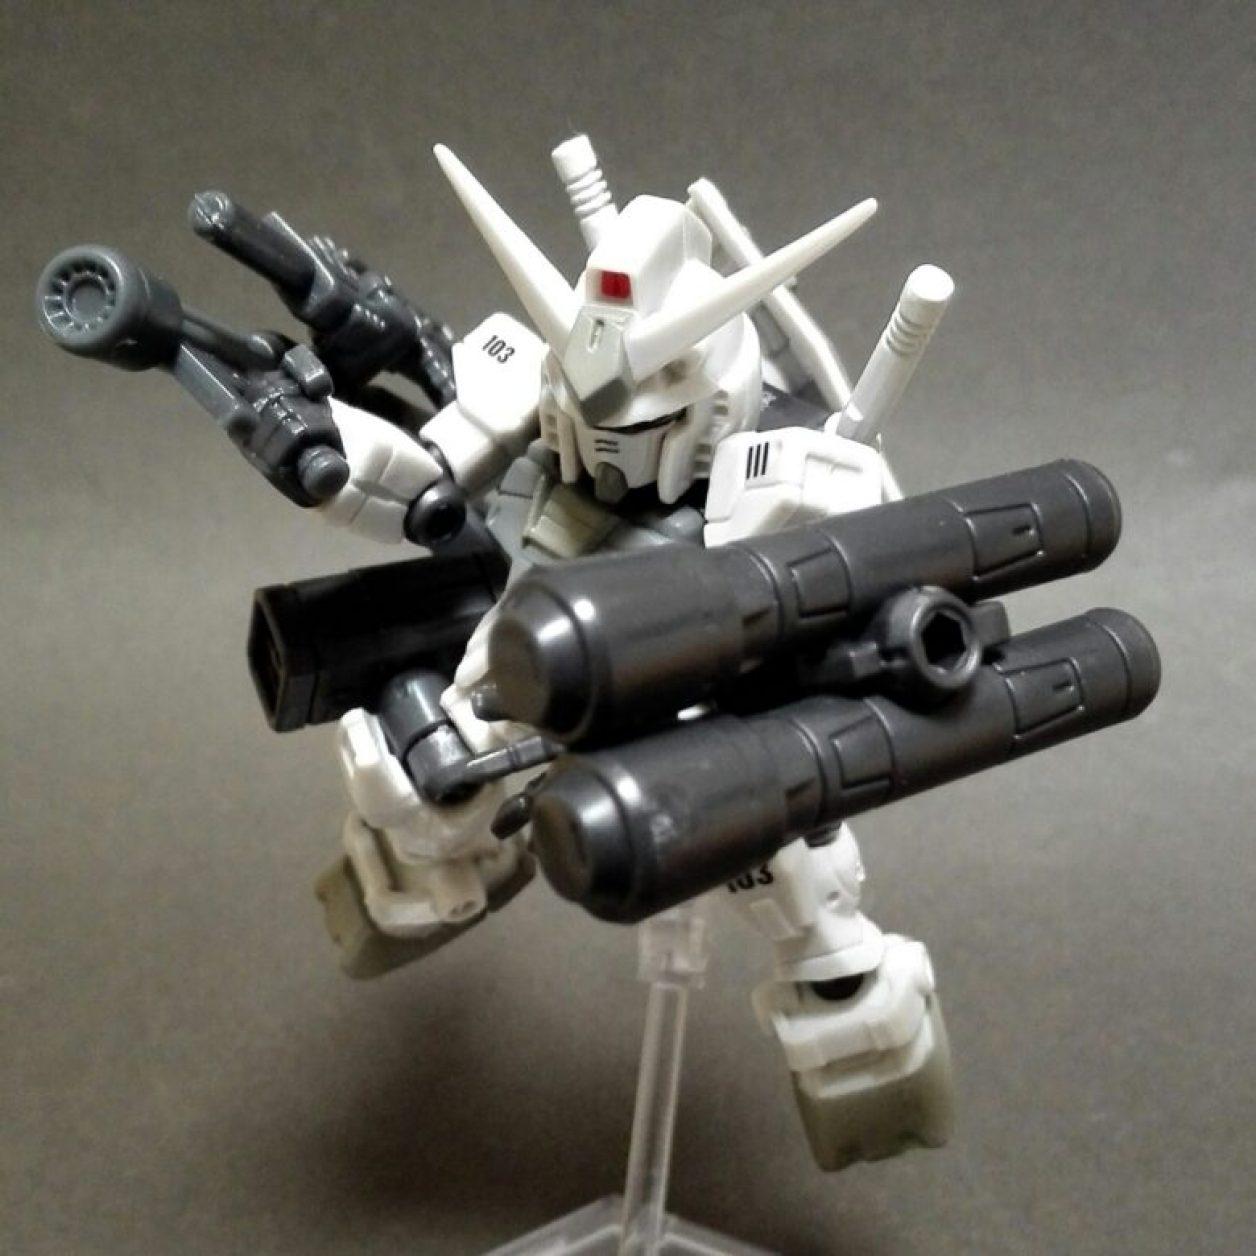 MOBILE SUIT ENSEMBLE(モビルスーツアンサンブル)1.5弾のガンダム(G3)と08弾の2連グレネード・ランチャーとビーム・ライフルとバズーカの組み合わせの画像